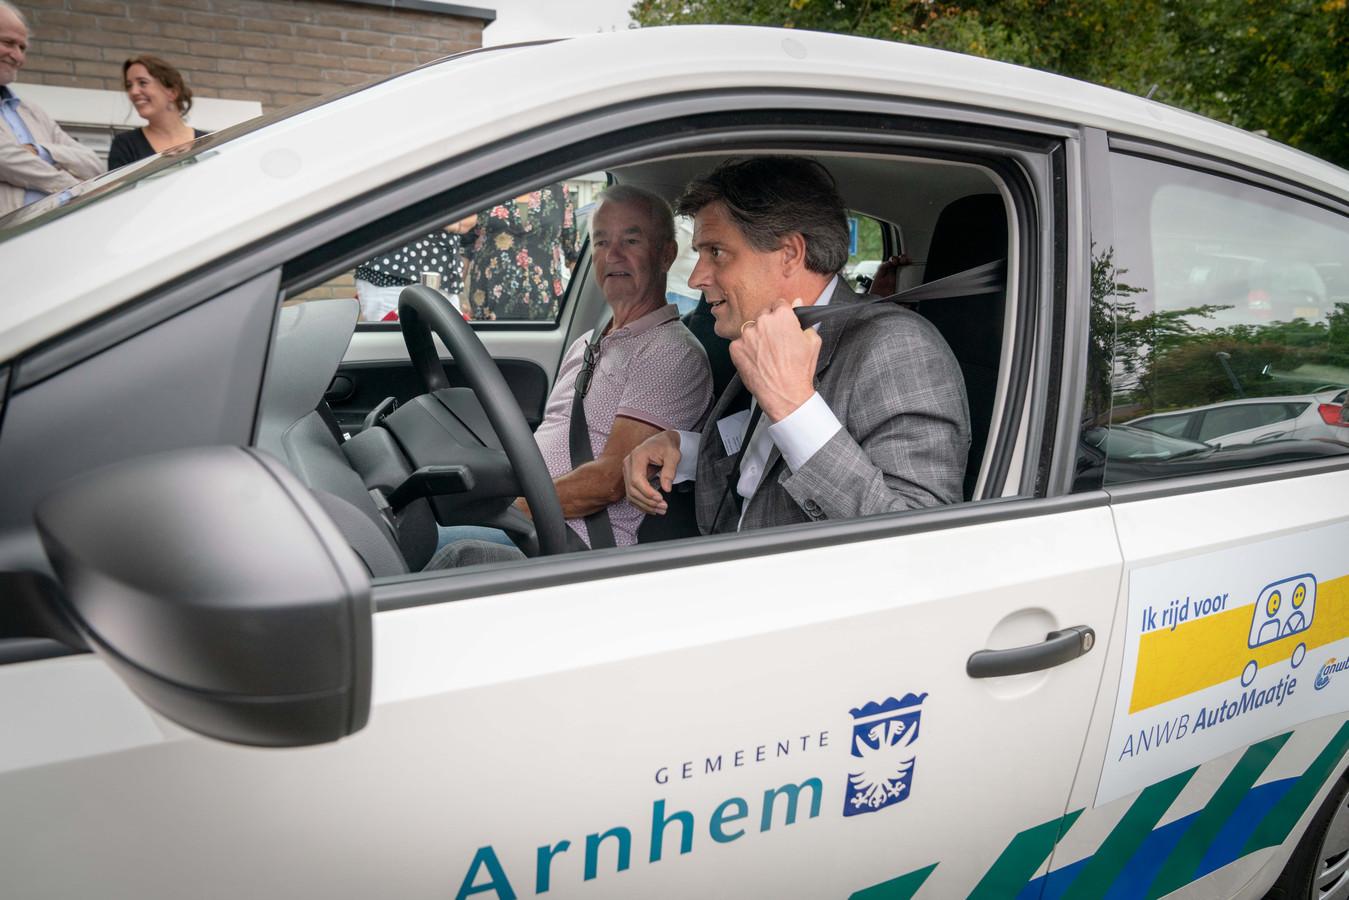 Wethouder Roeland van der Zee maakt als chauffeur de eerste officiële rit van het vervoersproject AutoMaatje in Arnhem. Hij brengt Tonny van Heumen naar dienst bestemming.